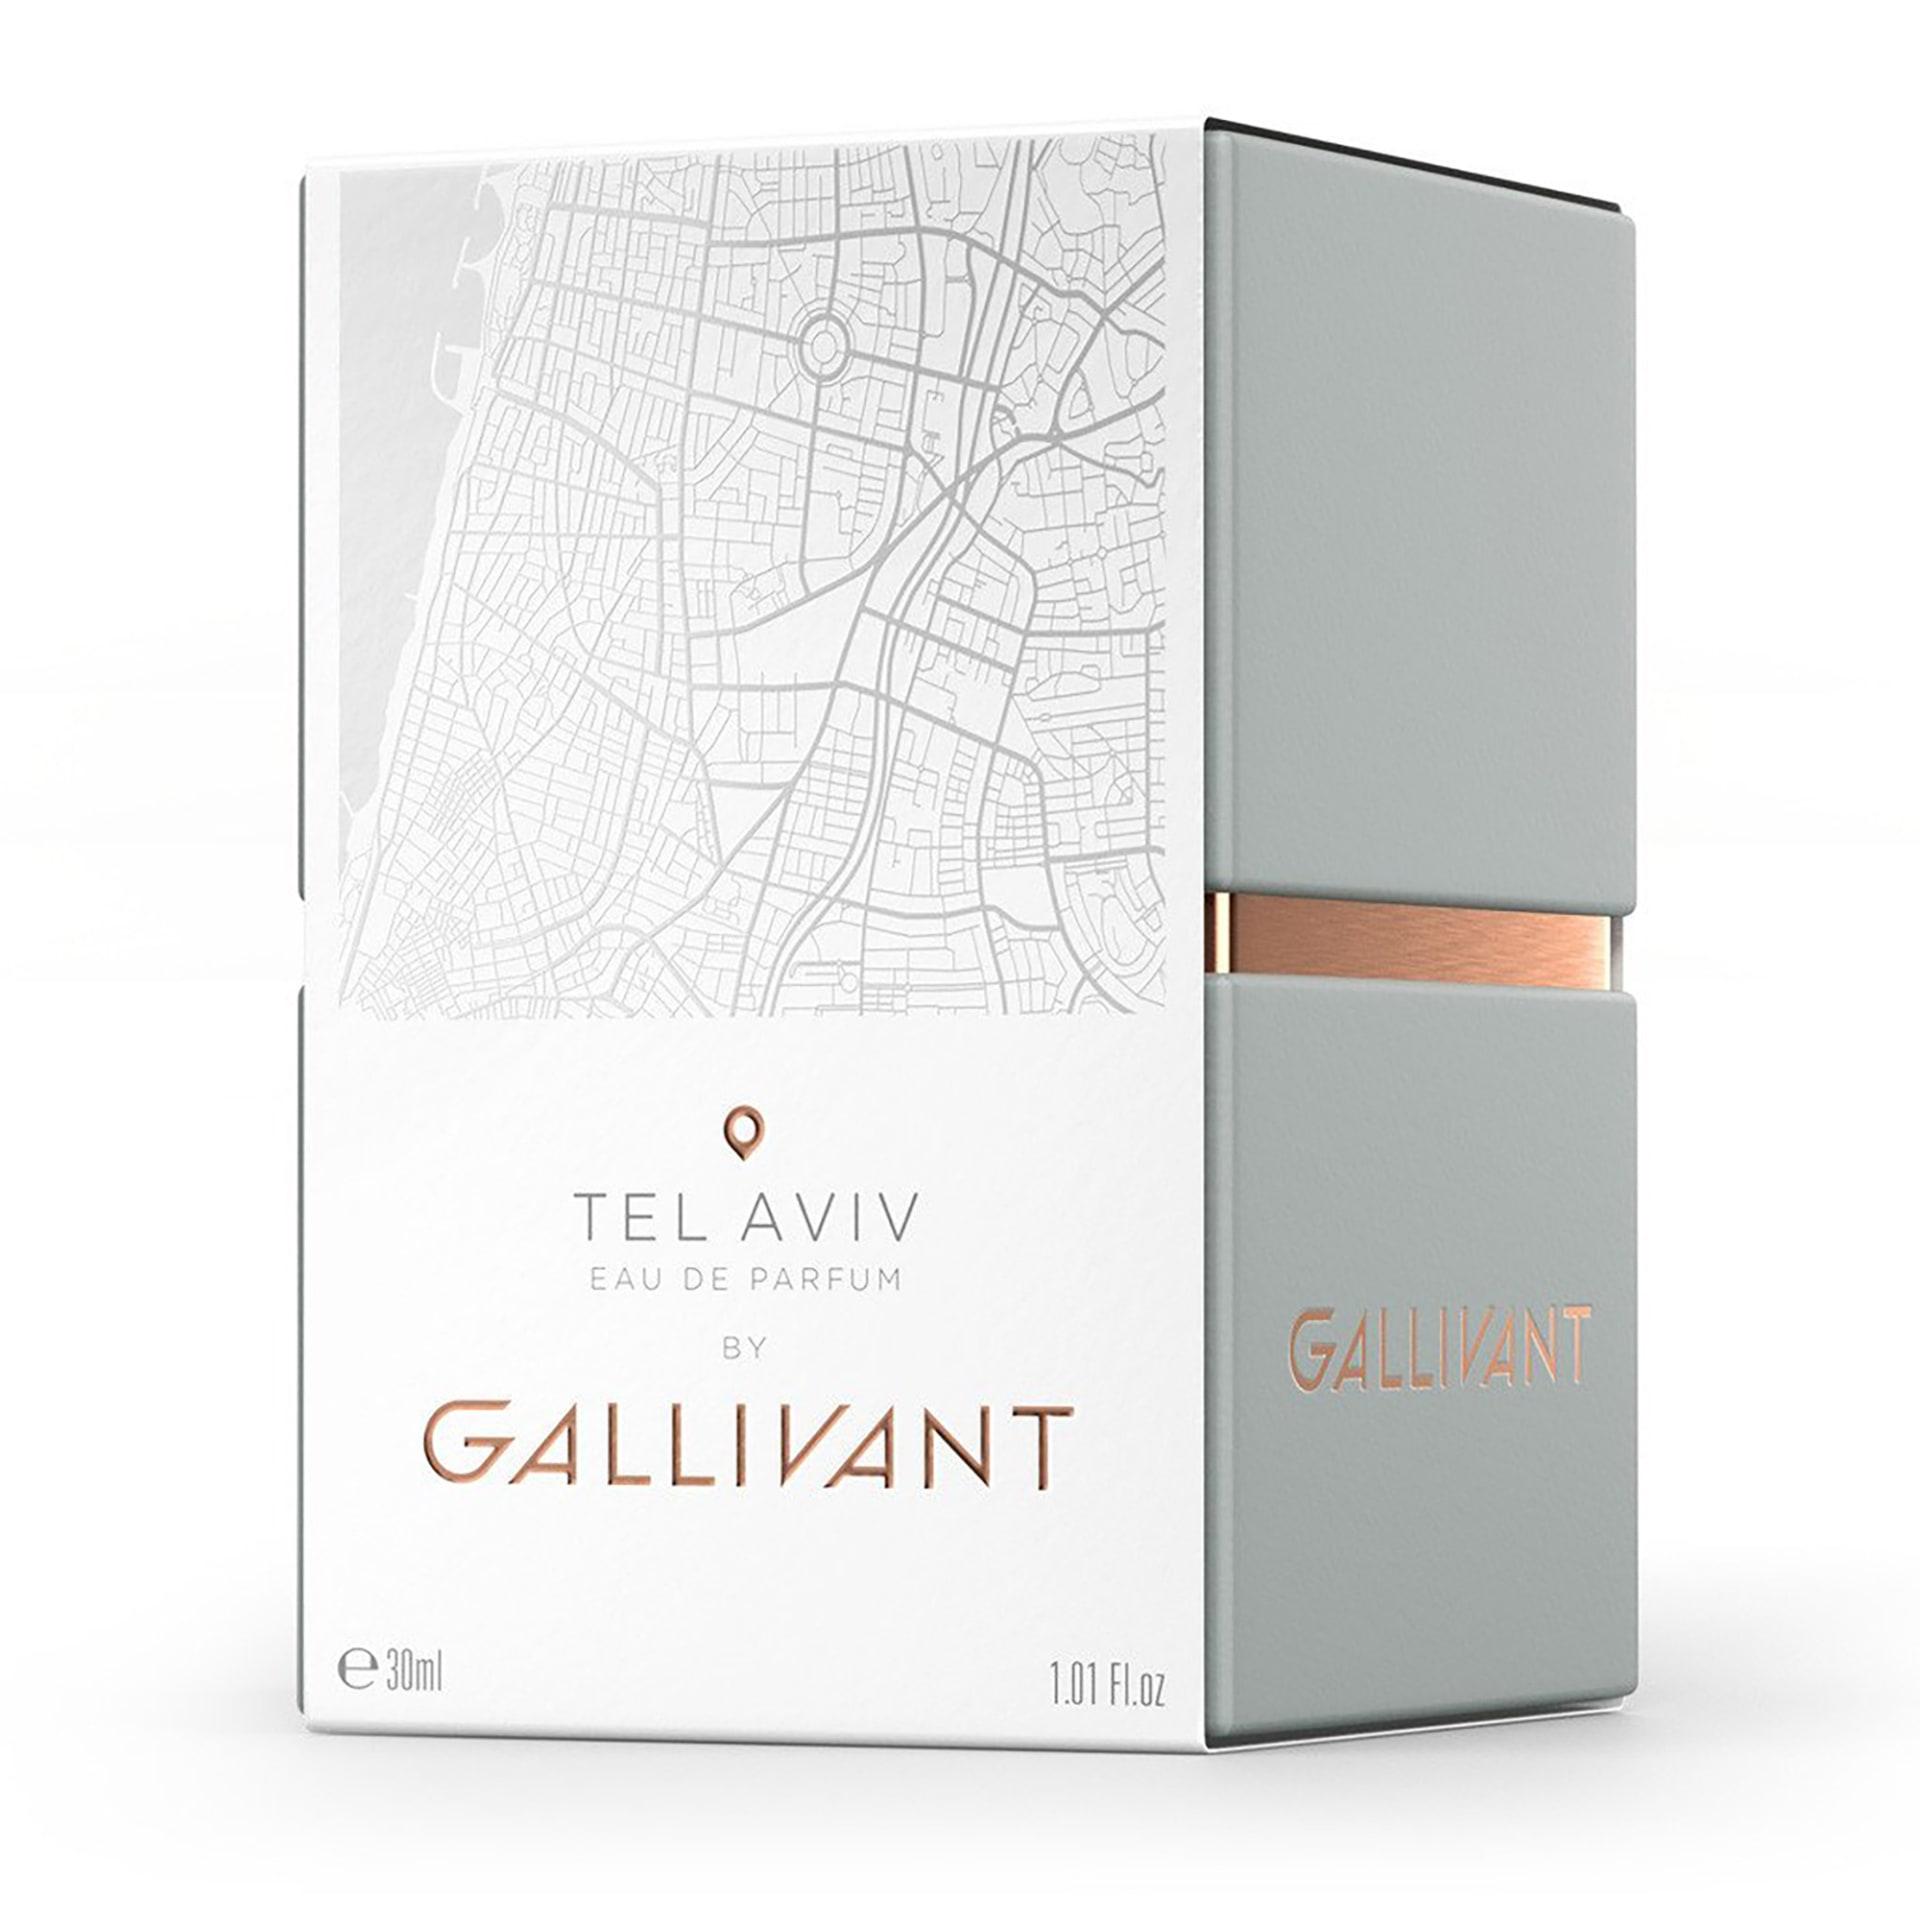 gallivant-tel-aviv-1